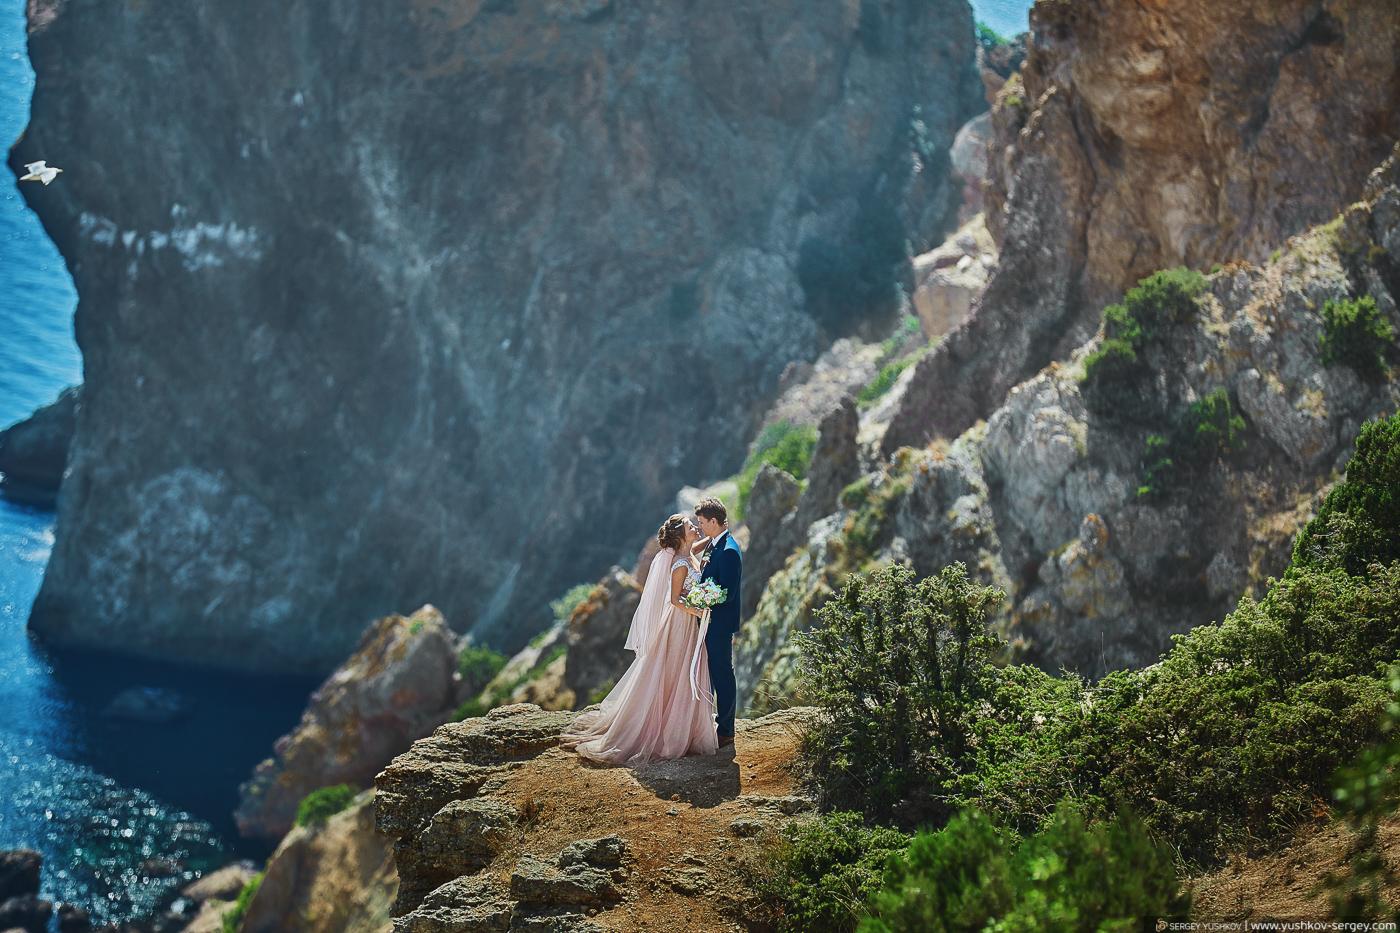 Свадебная фотосессия для двоих у моря. Мыс Фиолент. Севастополь, Крым. Фотограф - Сергей Юшков.